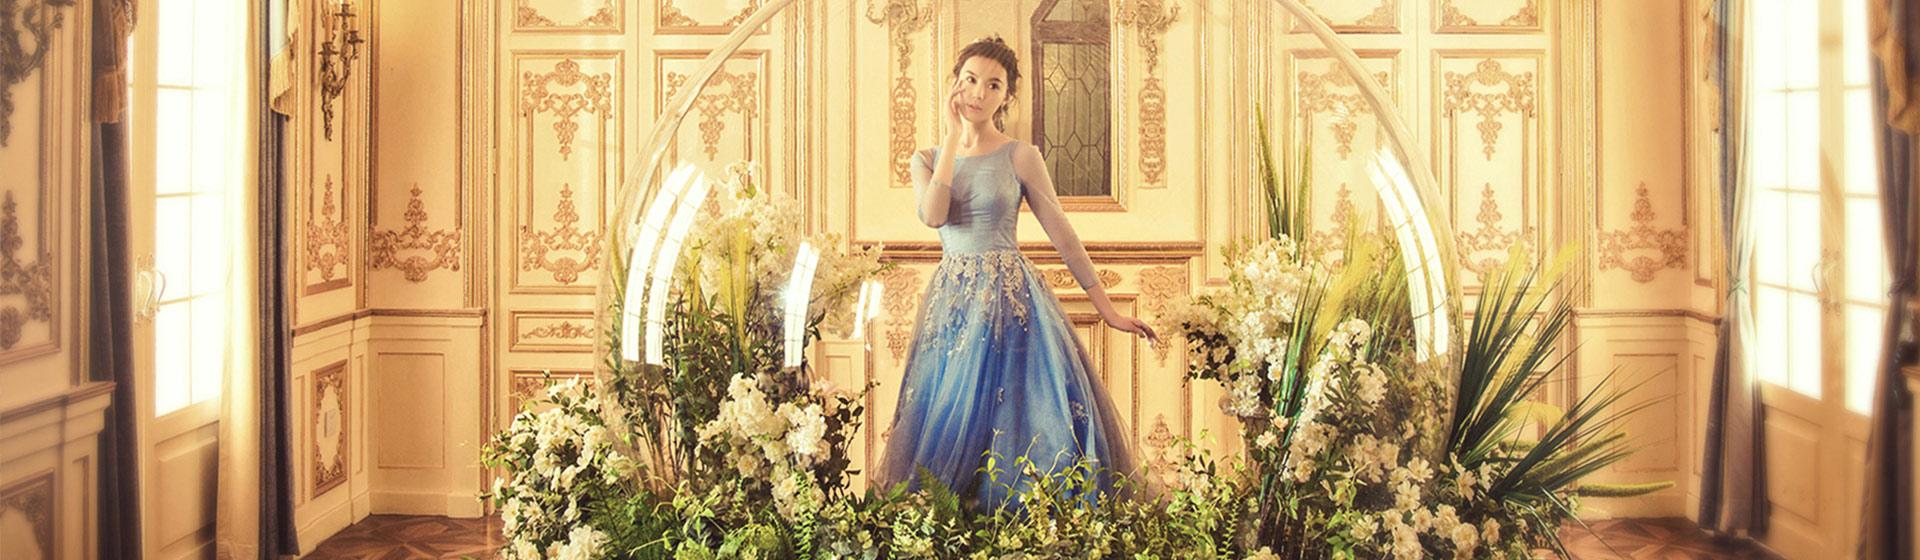 长沙婚纱照拍摄 林心如同款水晶玻璃球